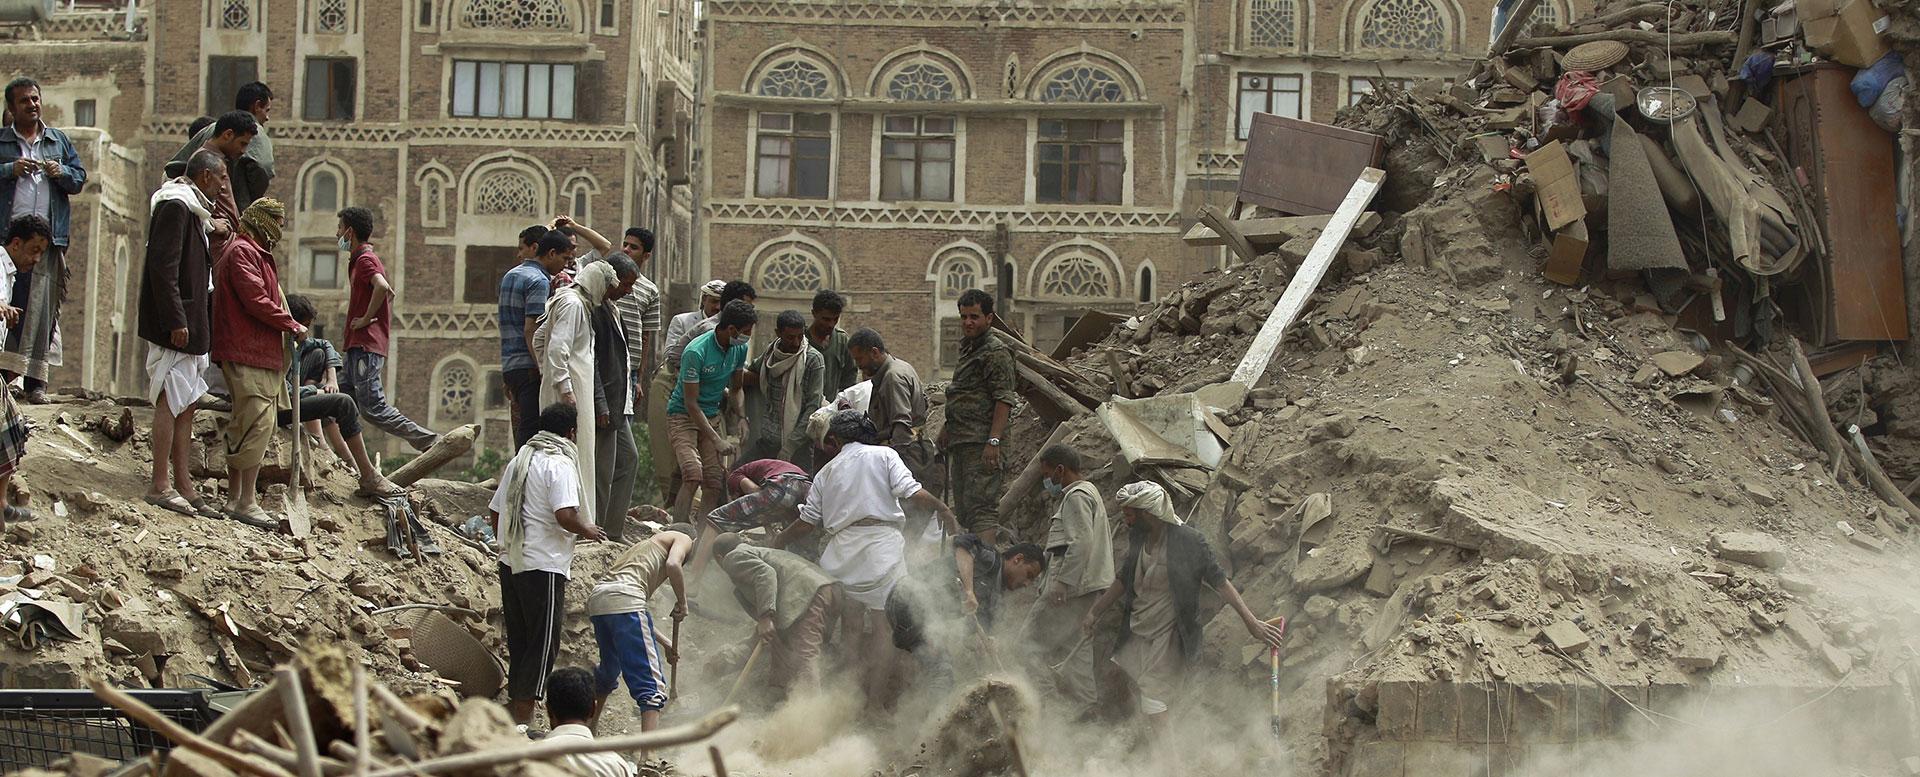 Ärztliche Hilfe wird im Jemen dringend benötigt